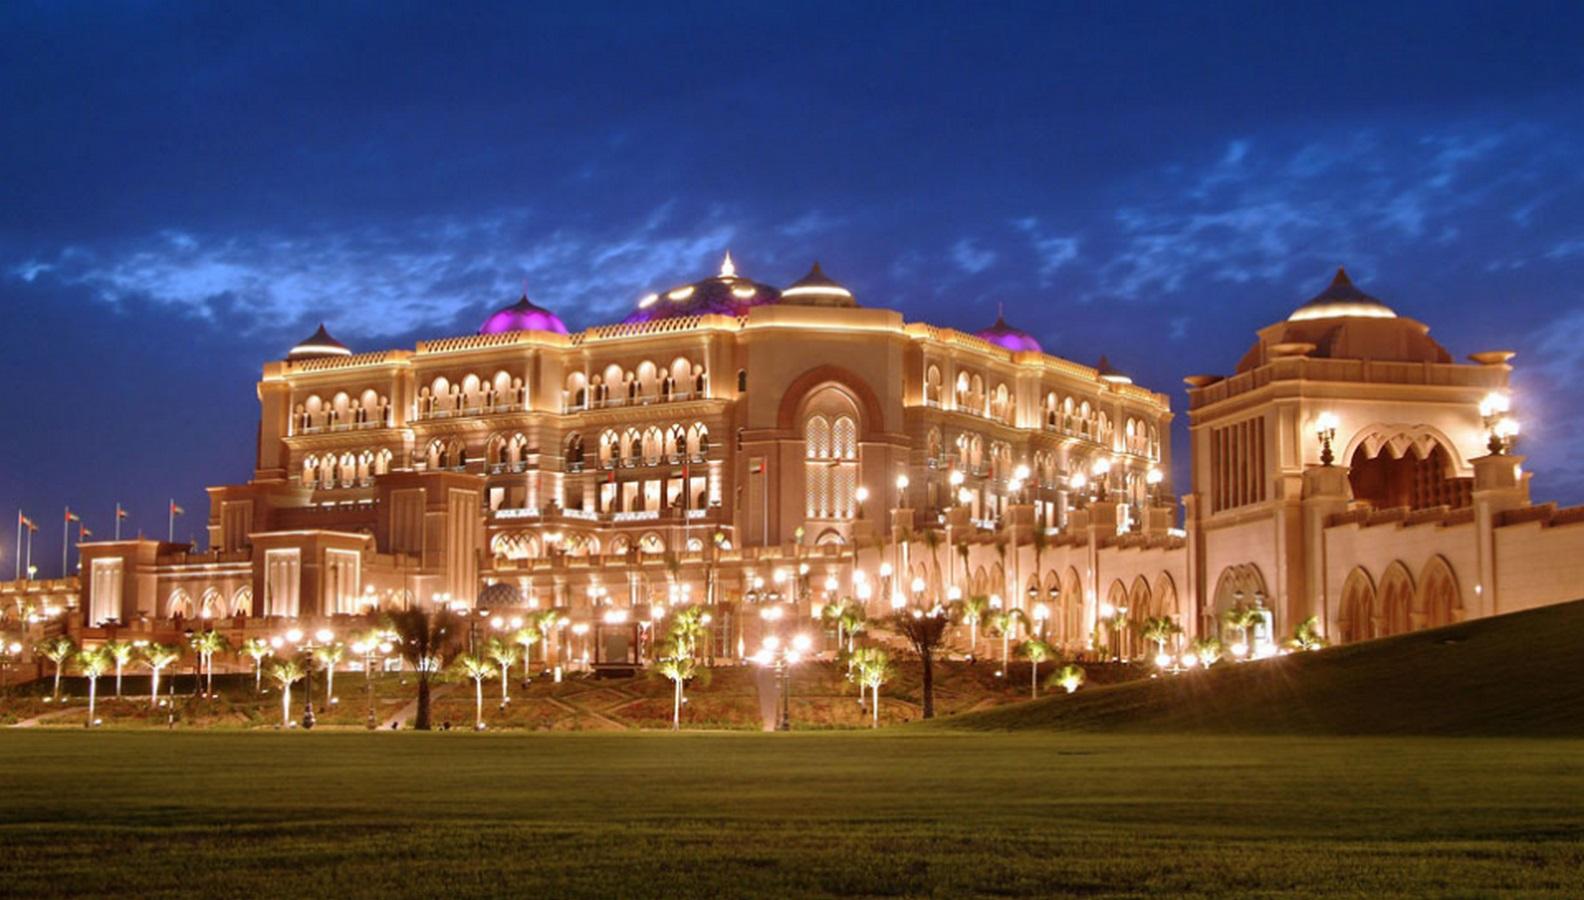 Emirates Palace, Abu Dhabi, UAE - Sheet1